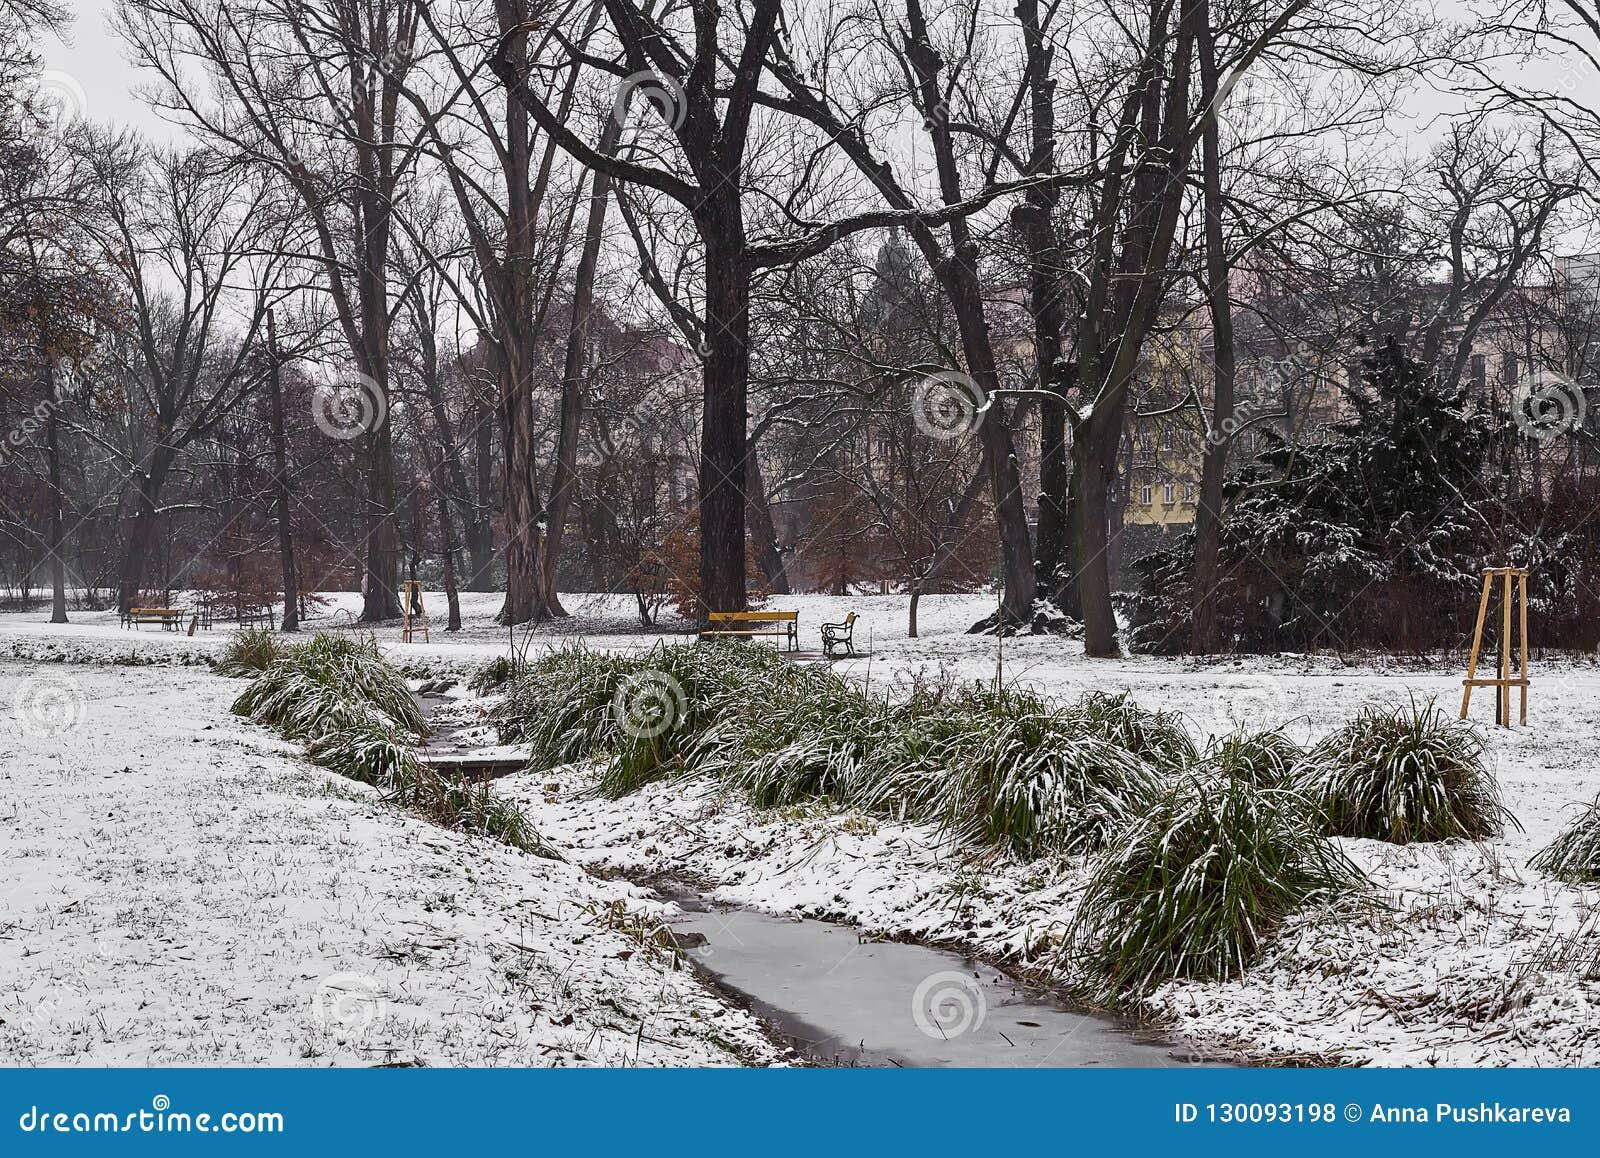 Kleiner Strom und schneebedeckte Büschel des Grases, des Rasens und der Bäume im Stadtpark am nebeligen Morgen